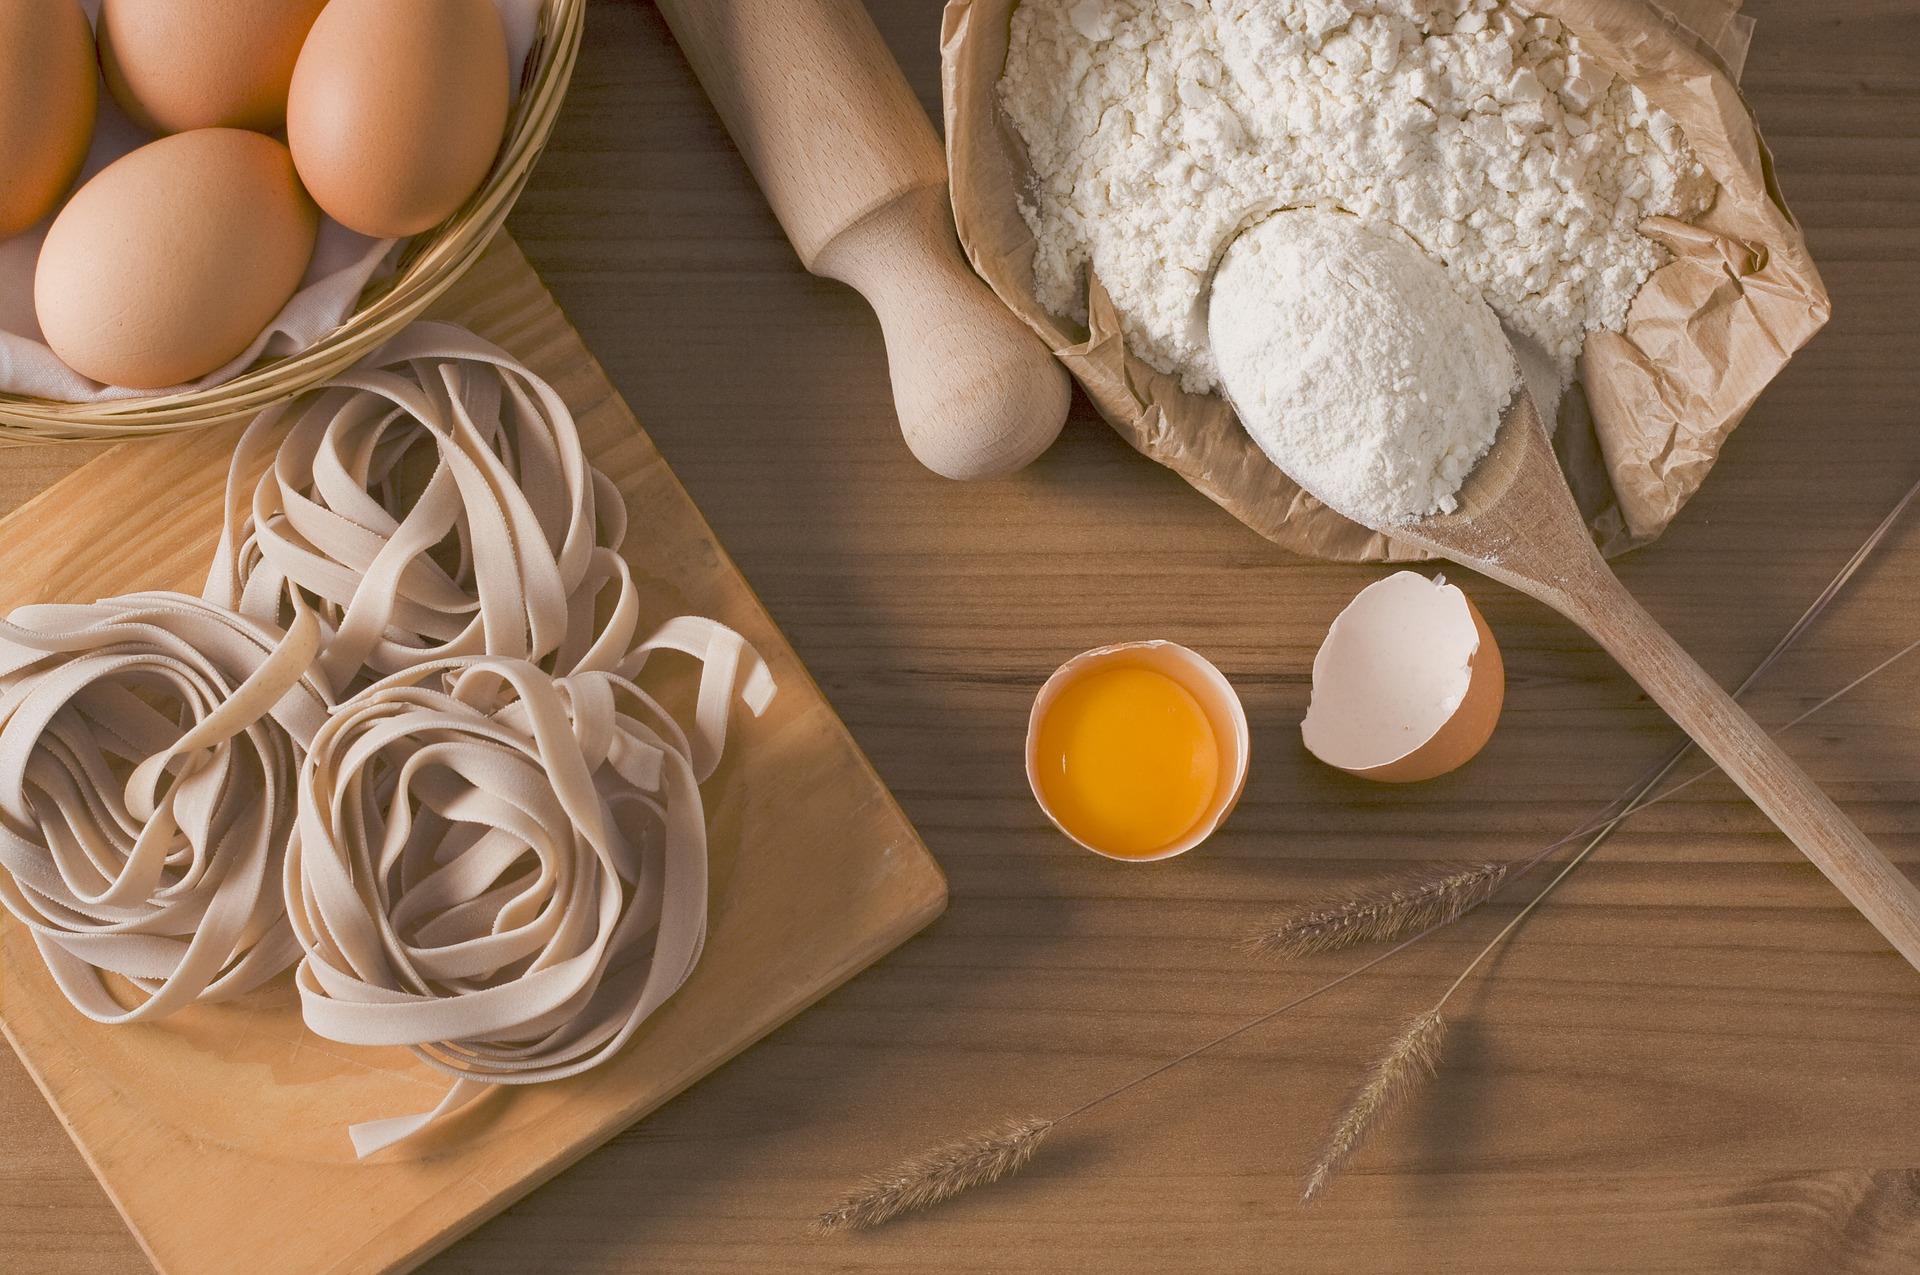 Intégrer les œufs dans votre plat pour votre santé